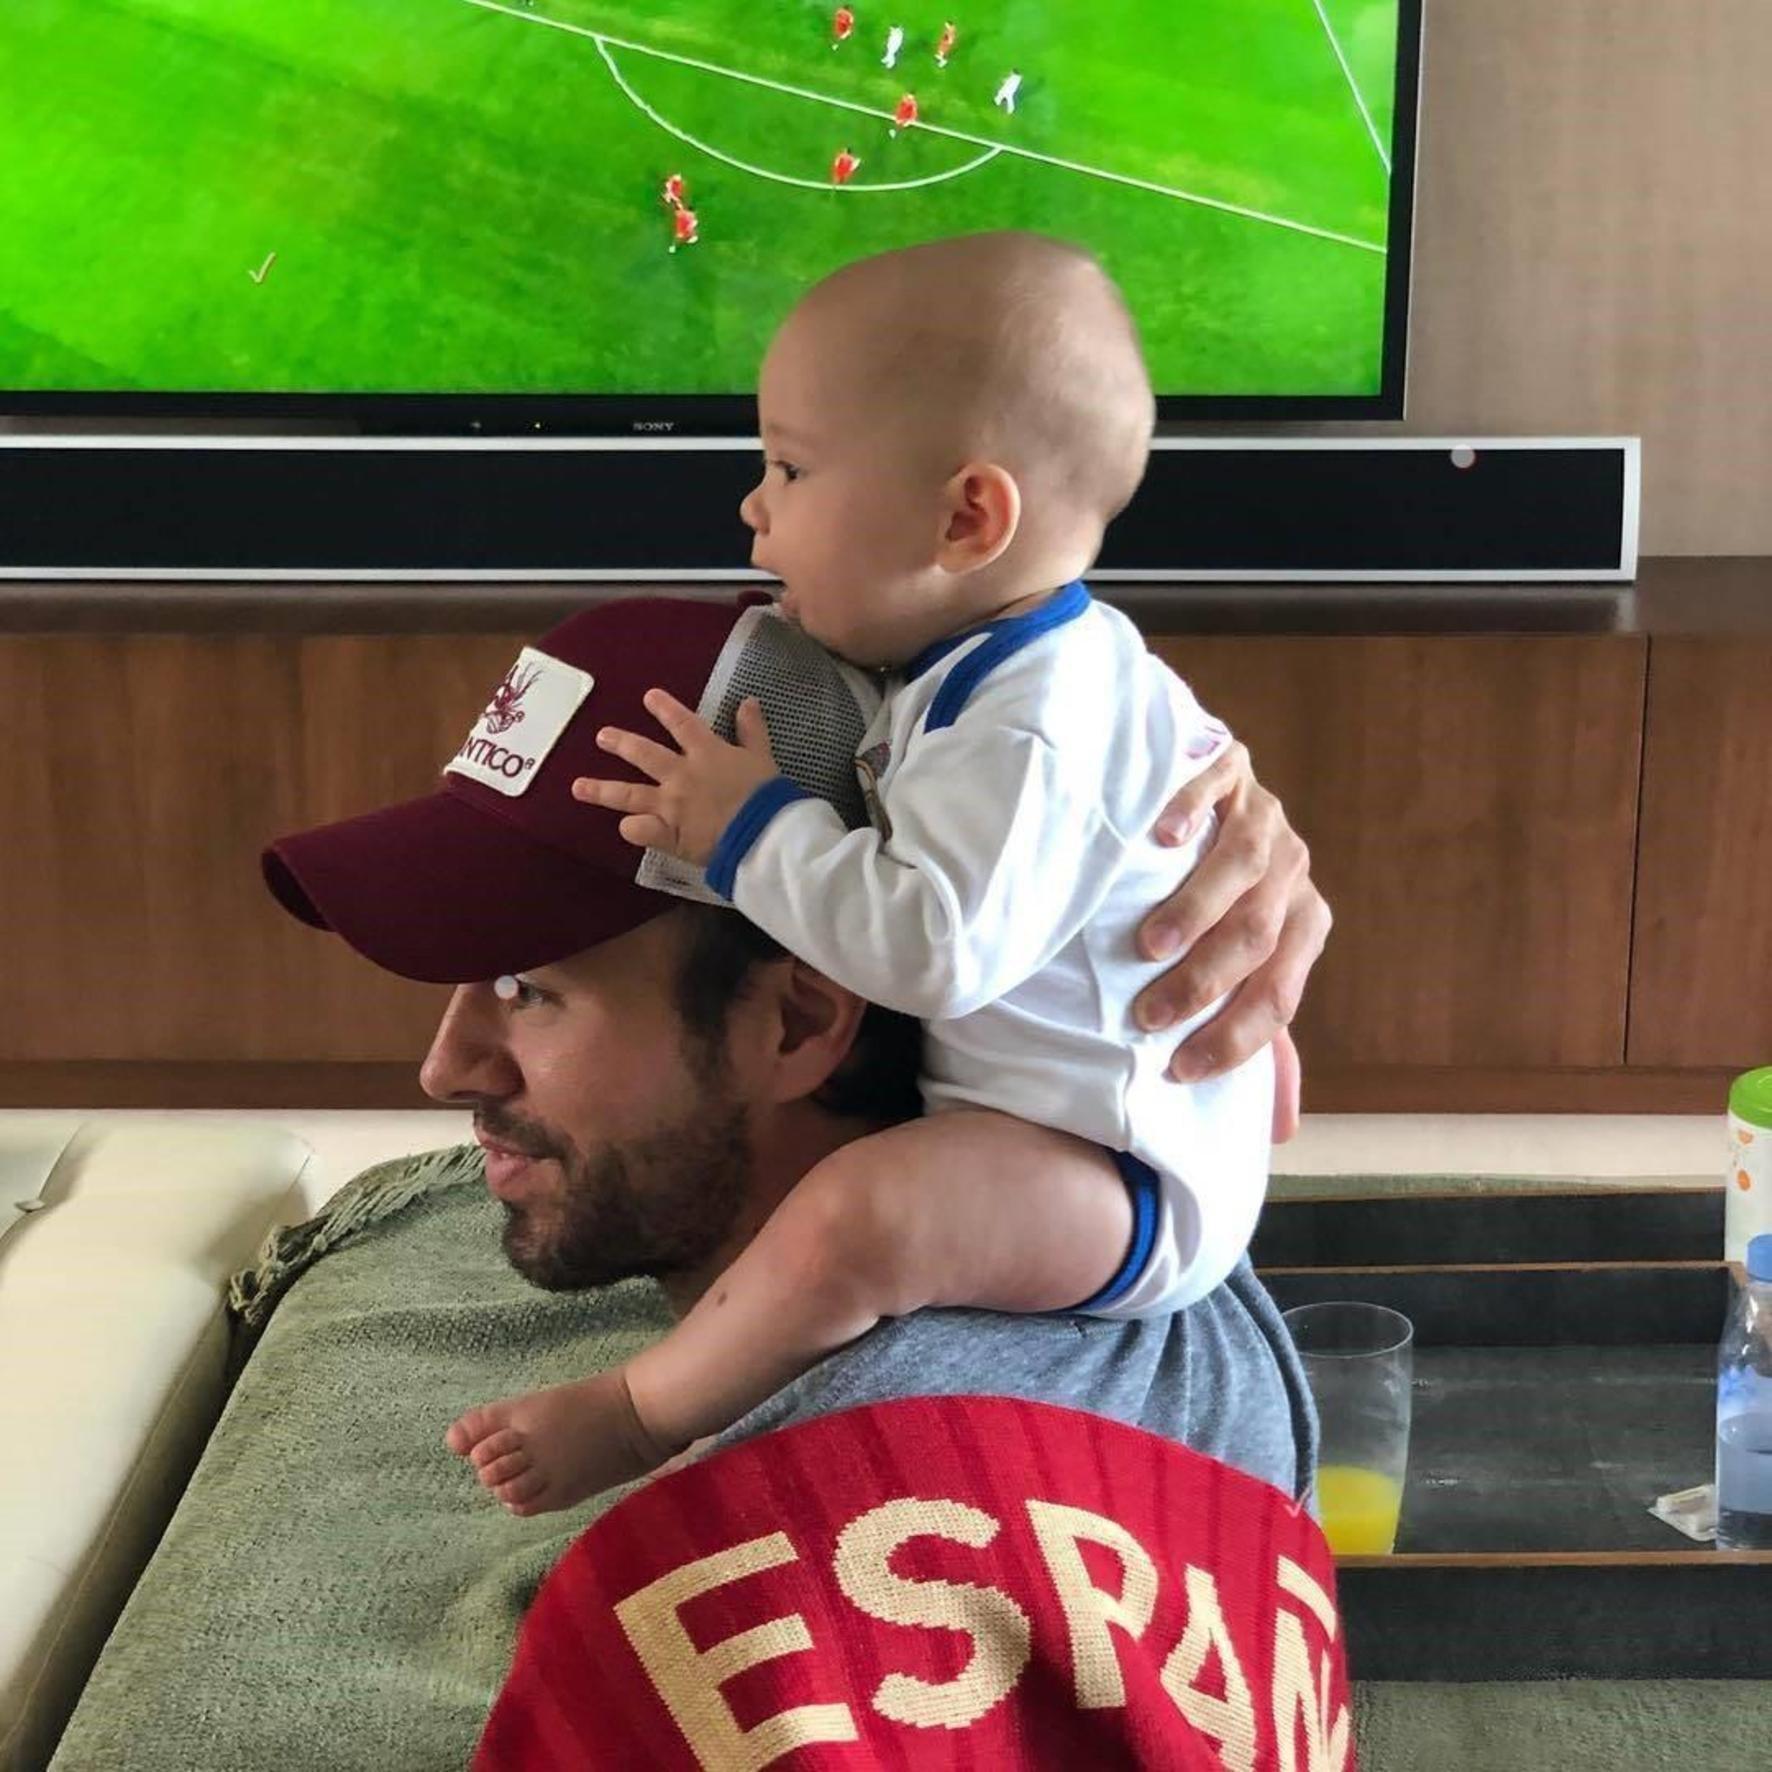 Enrique Iglesias (enriqueiglesias / 15.06.2018): #worldcup #spain #portugal